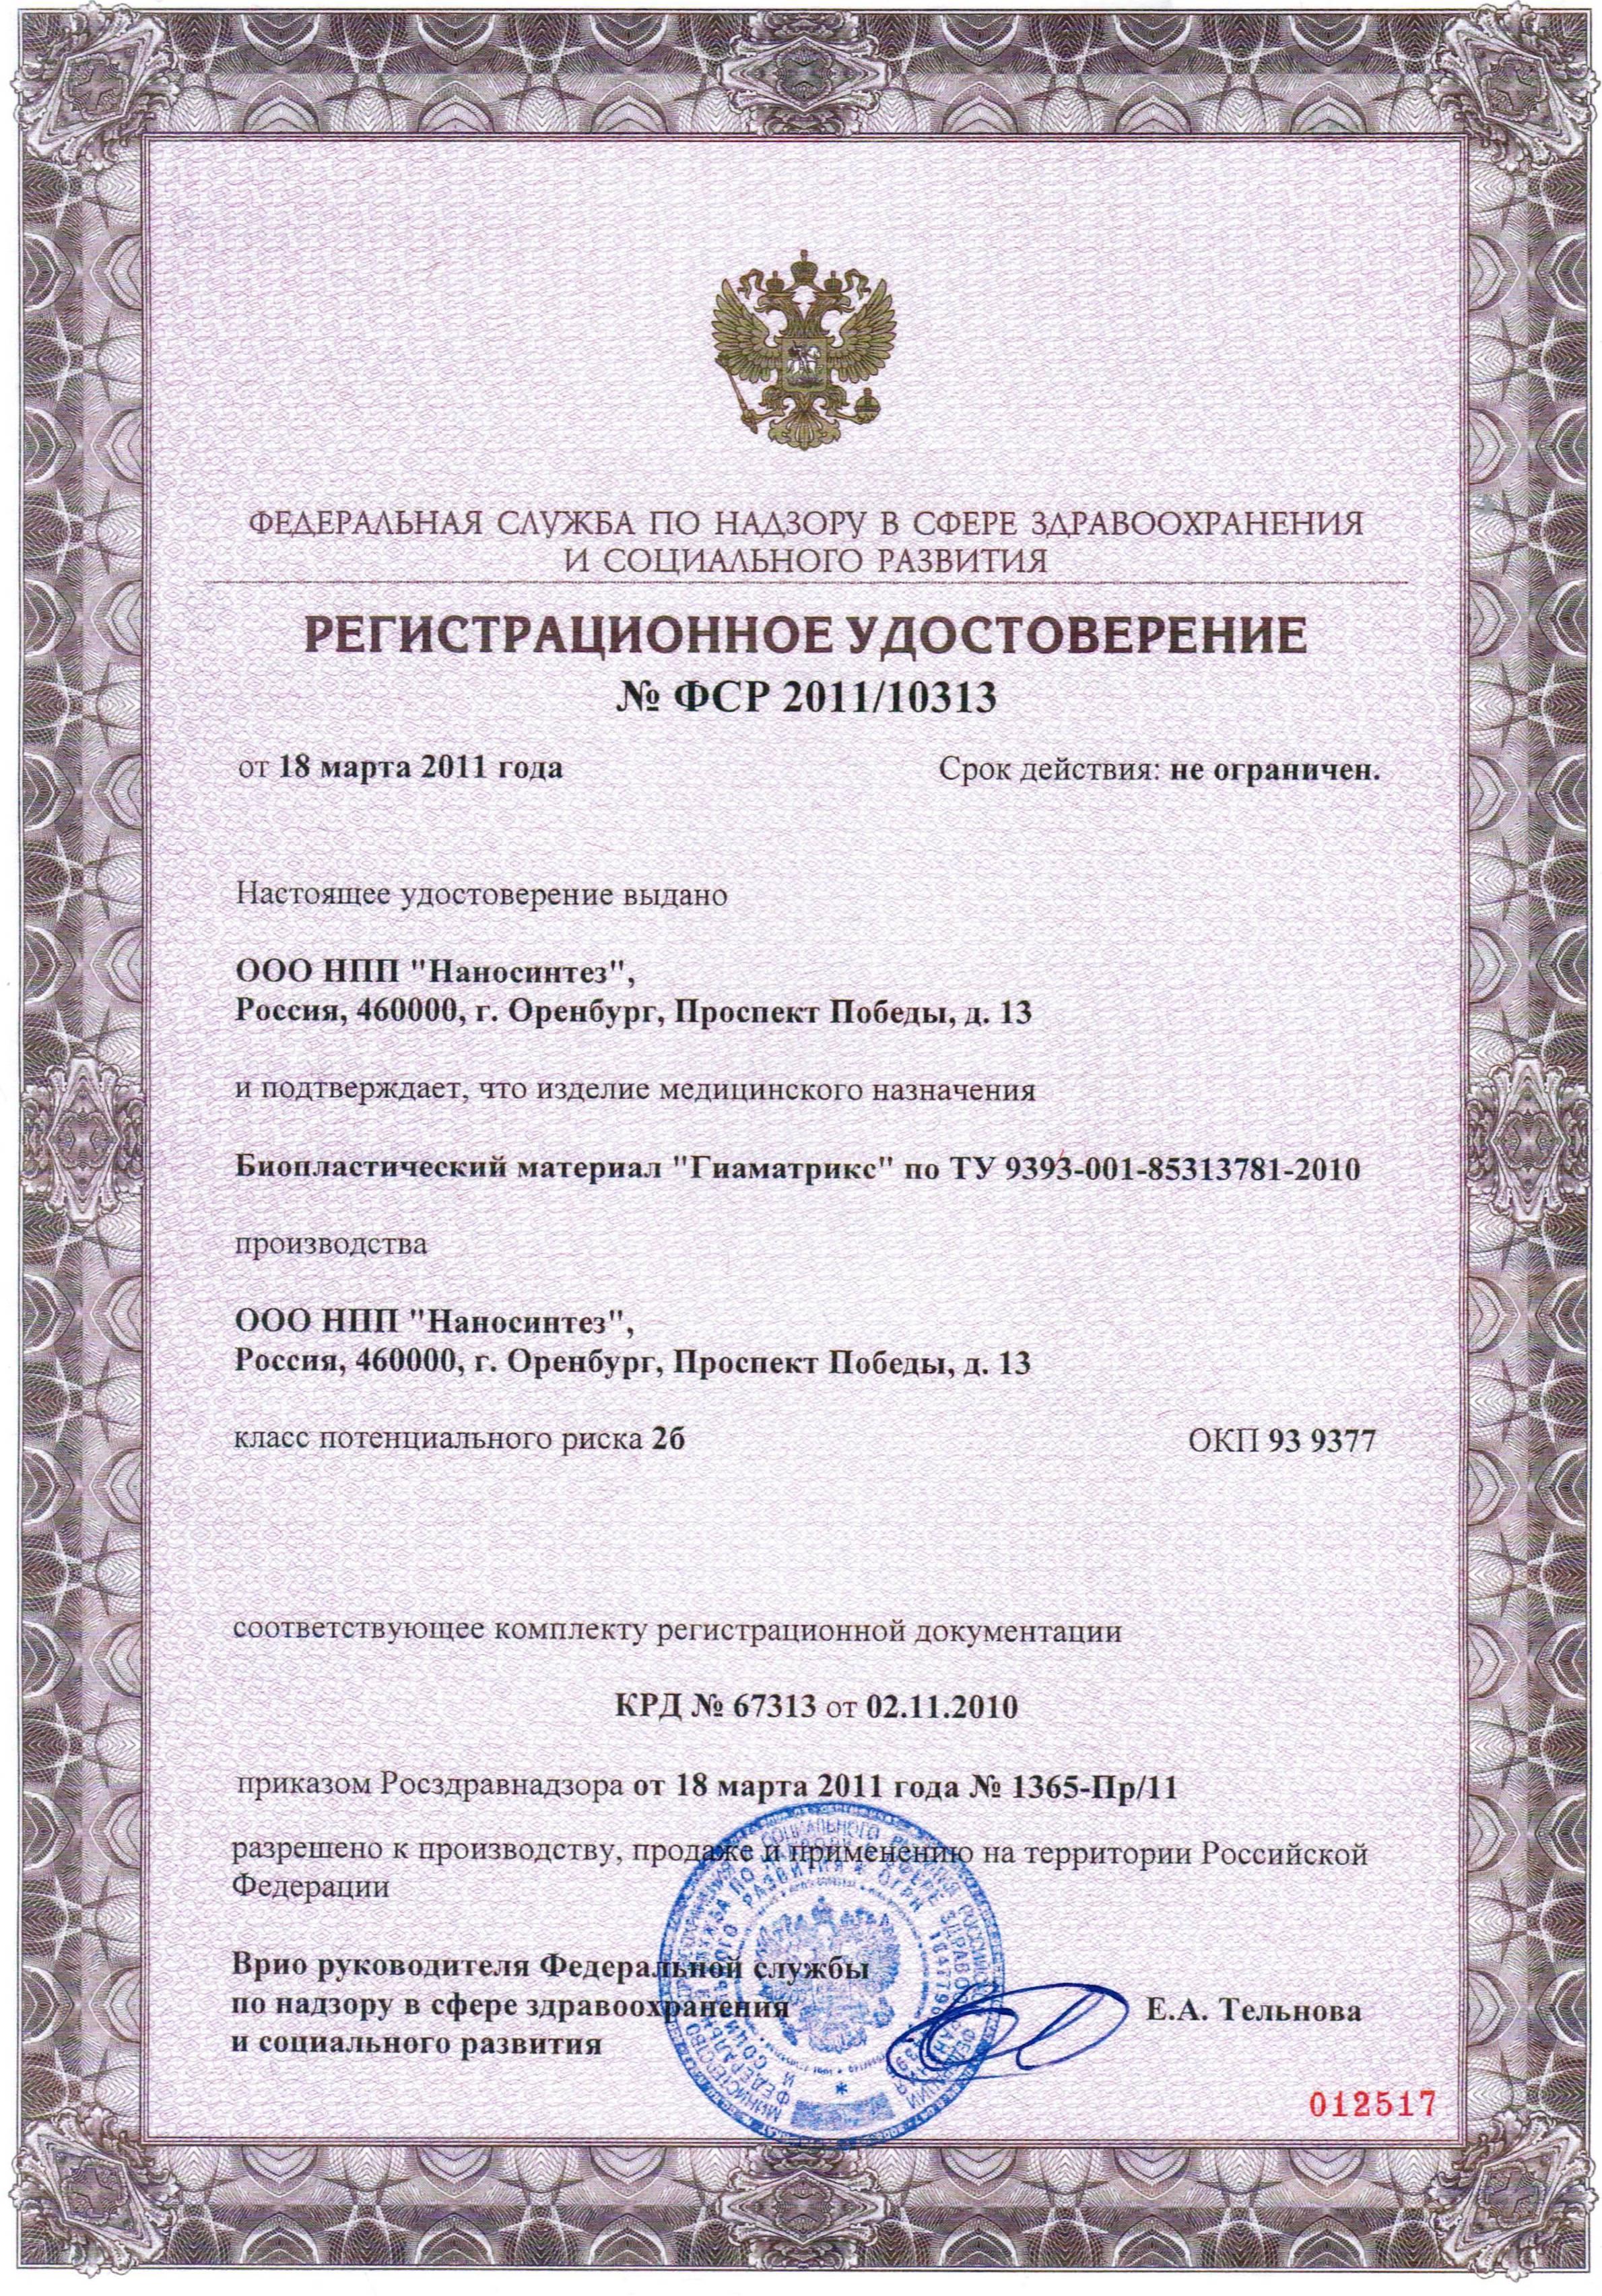 Сертификация продукции медицинского скачать бесплатно реферат на тему сертификация строительства, терминология принятая серти